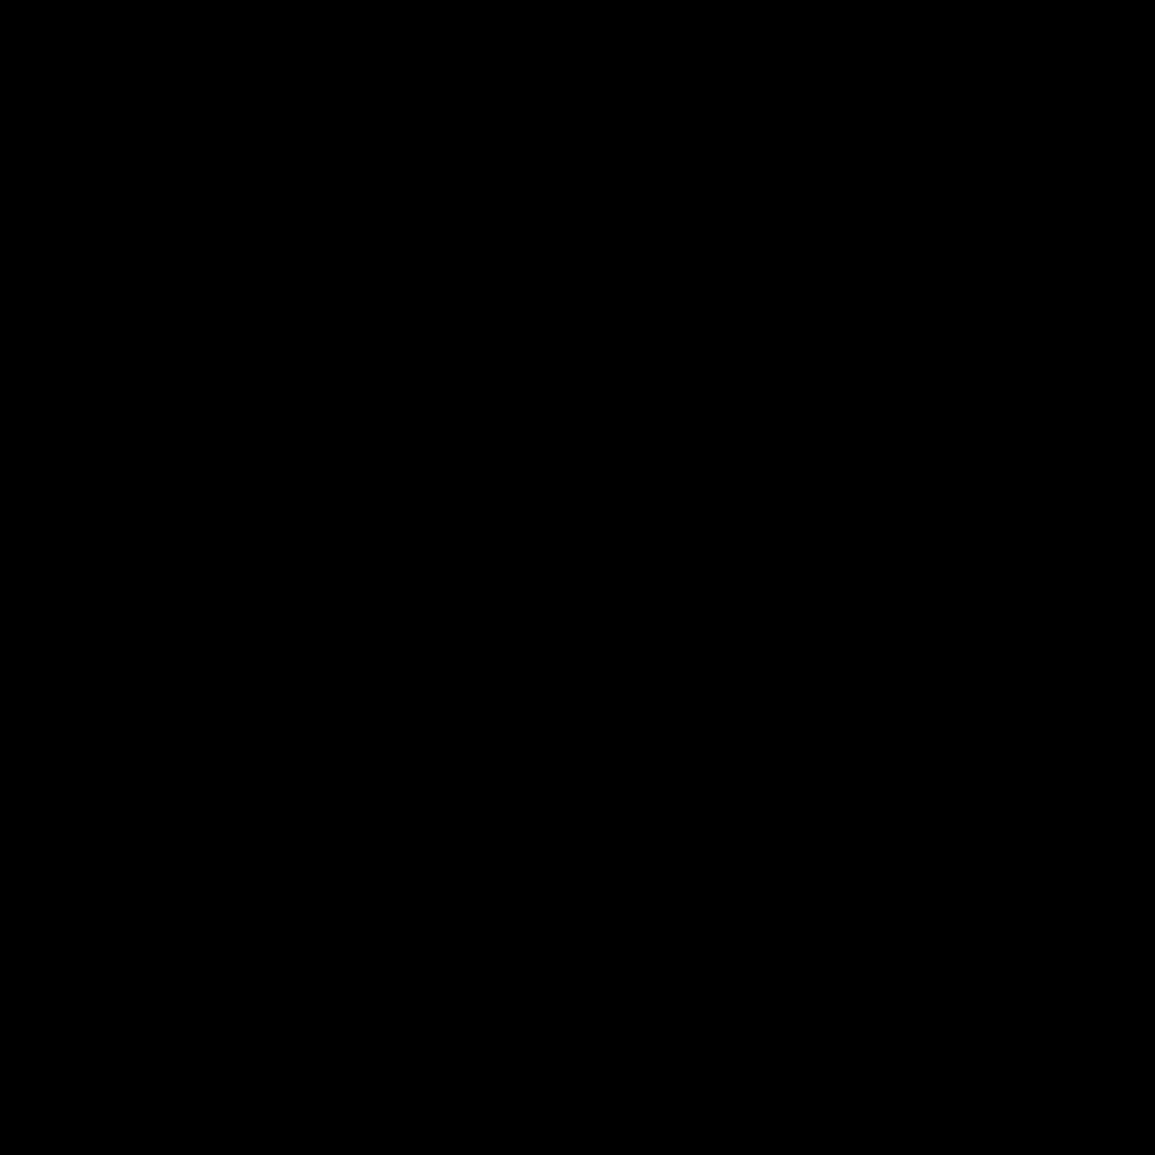 スーシャ B BSM 字形見本